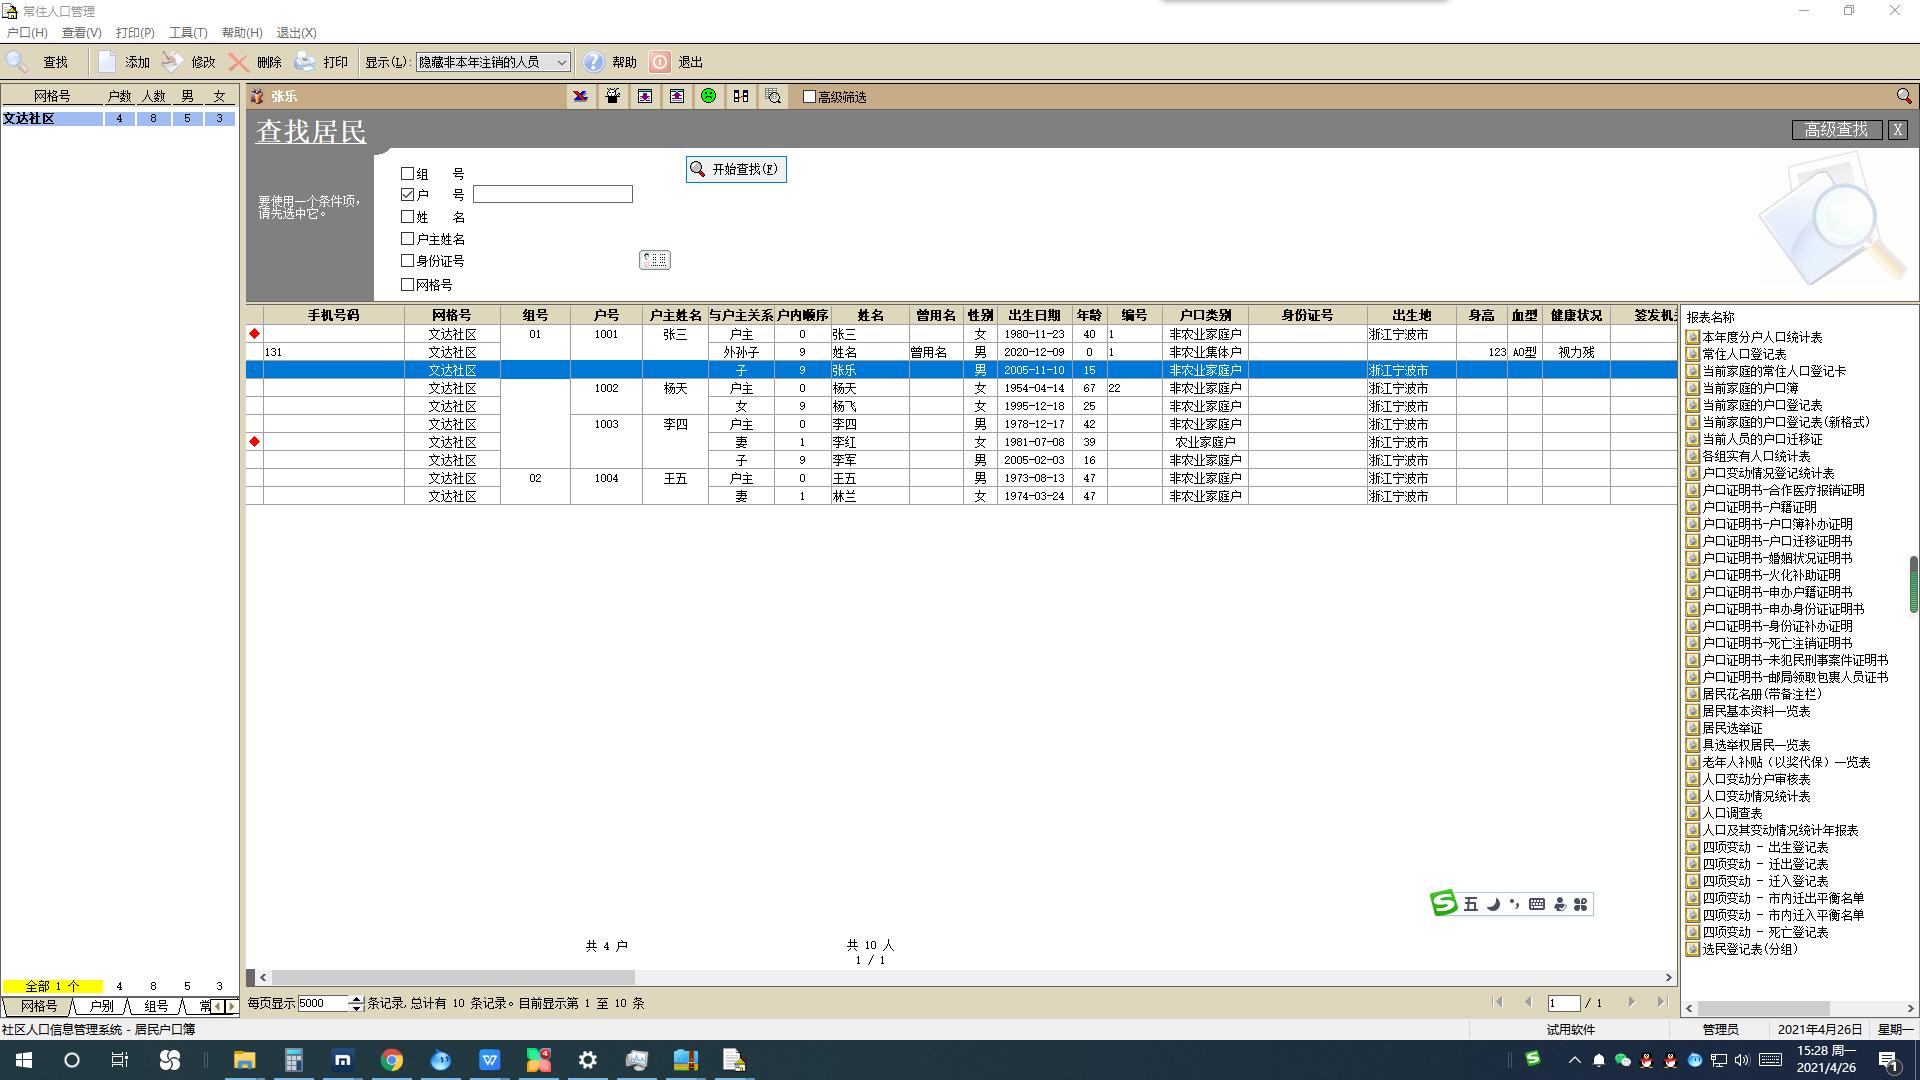 文达社区信息化管理系统云服务版截图2